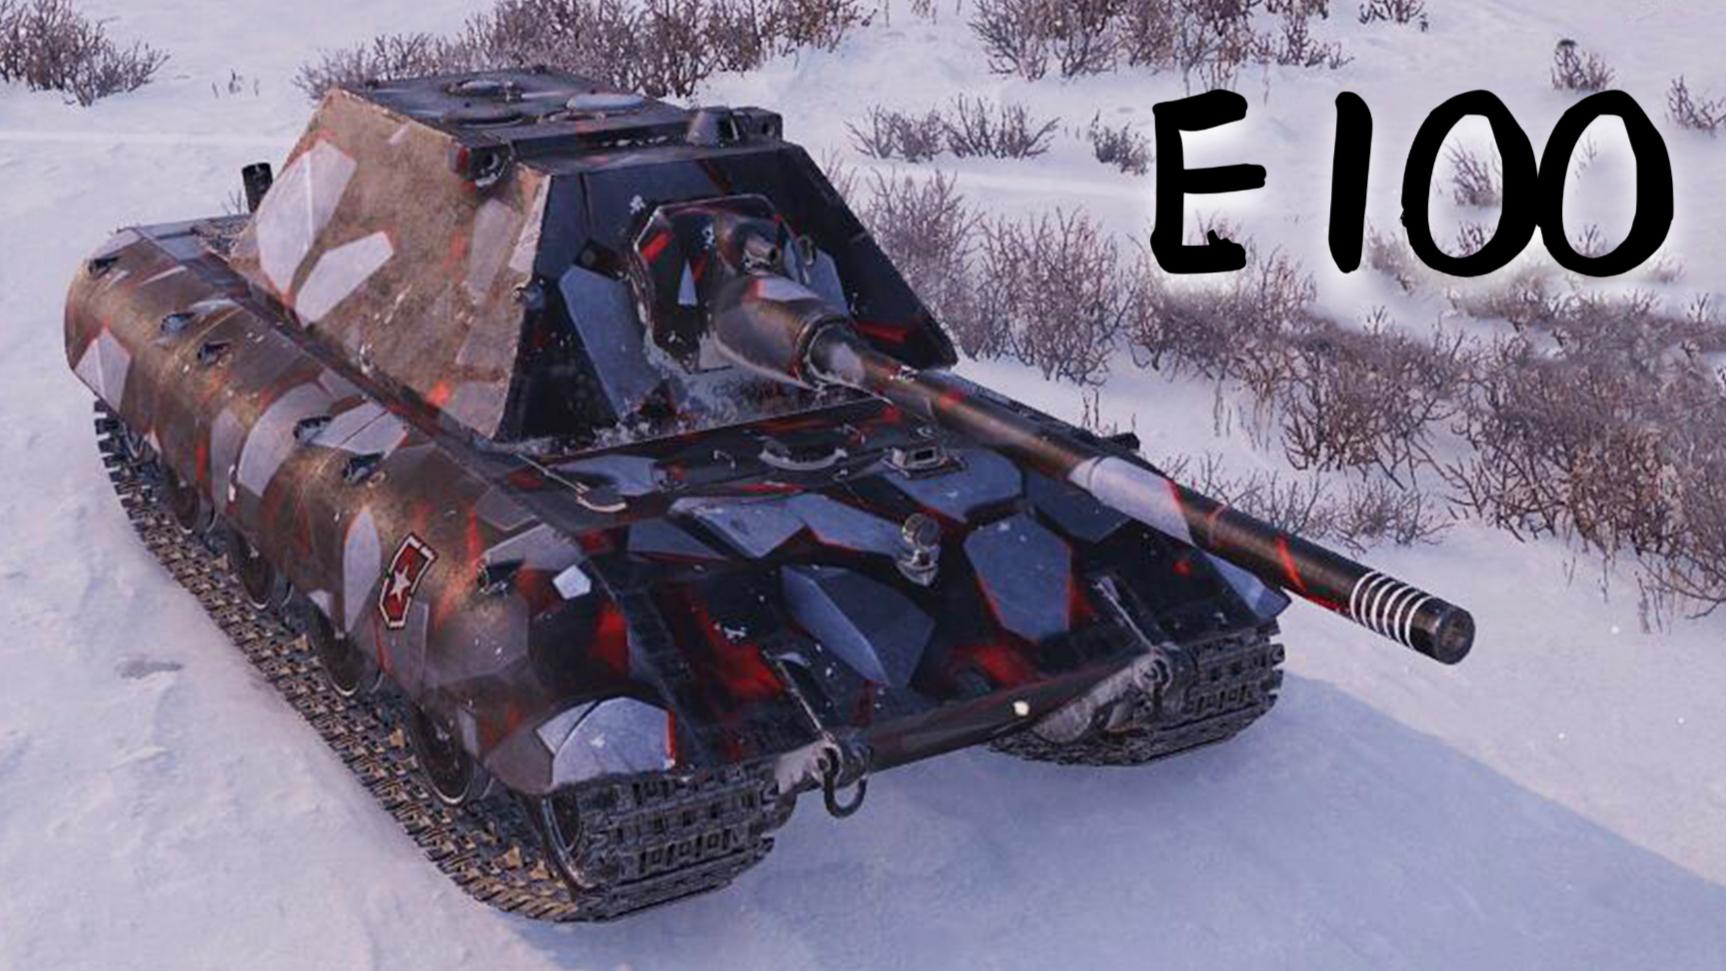 【坦克世界】E 100:8杀 - 1万2千输出,128炮(曼纳海姆防线)